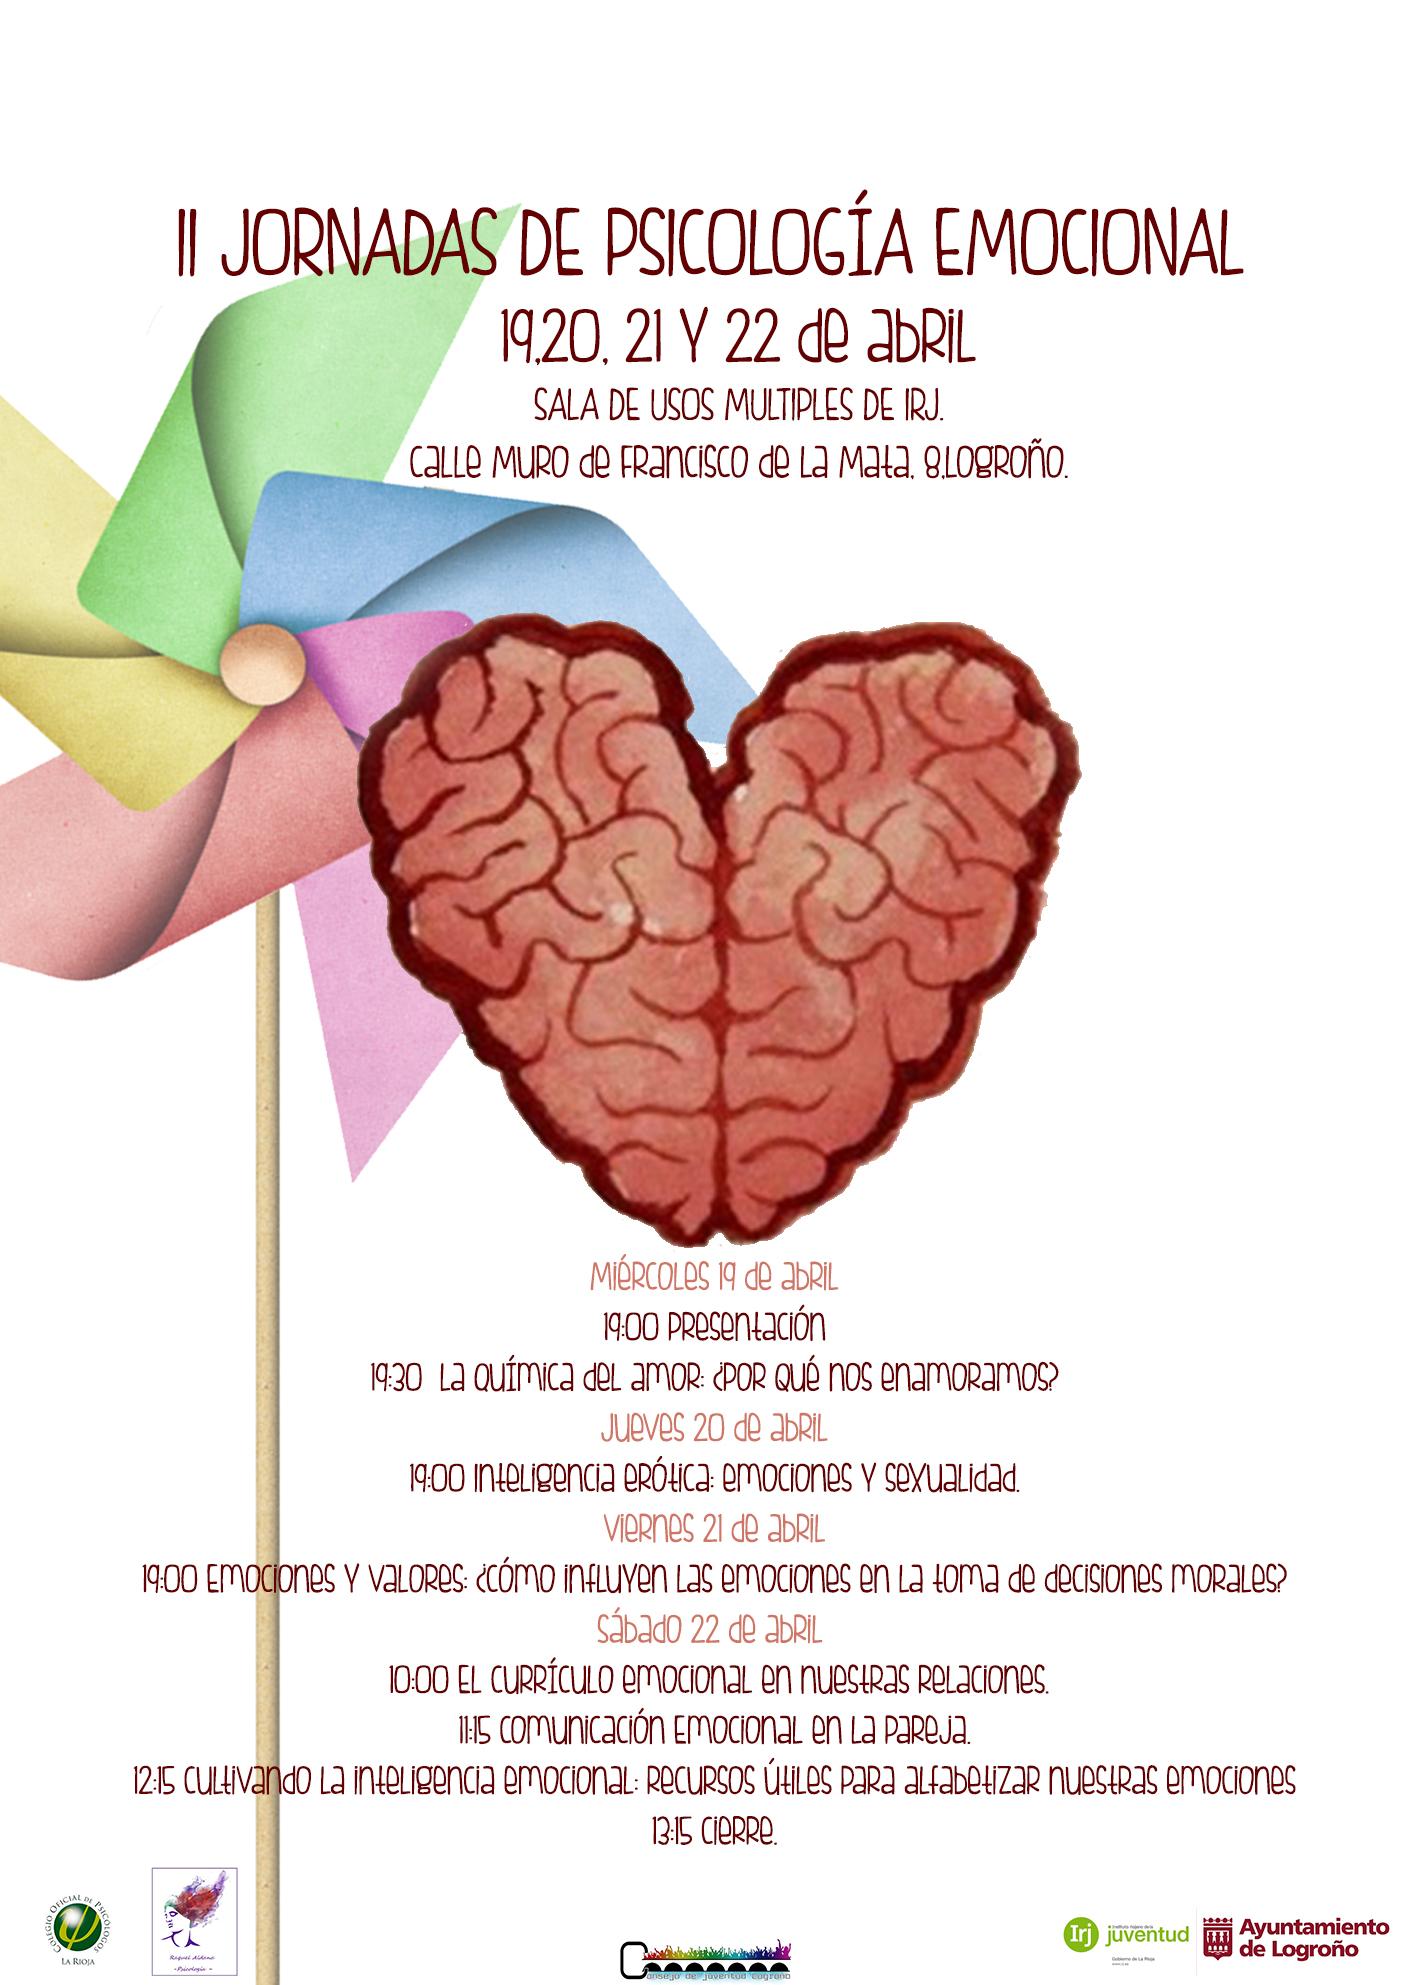 Jornadas de Psicología Emocional